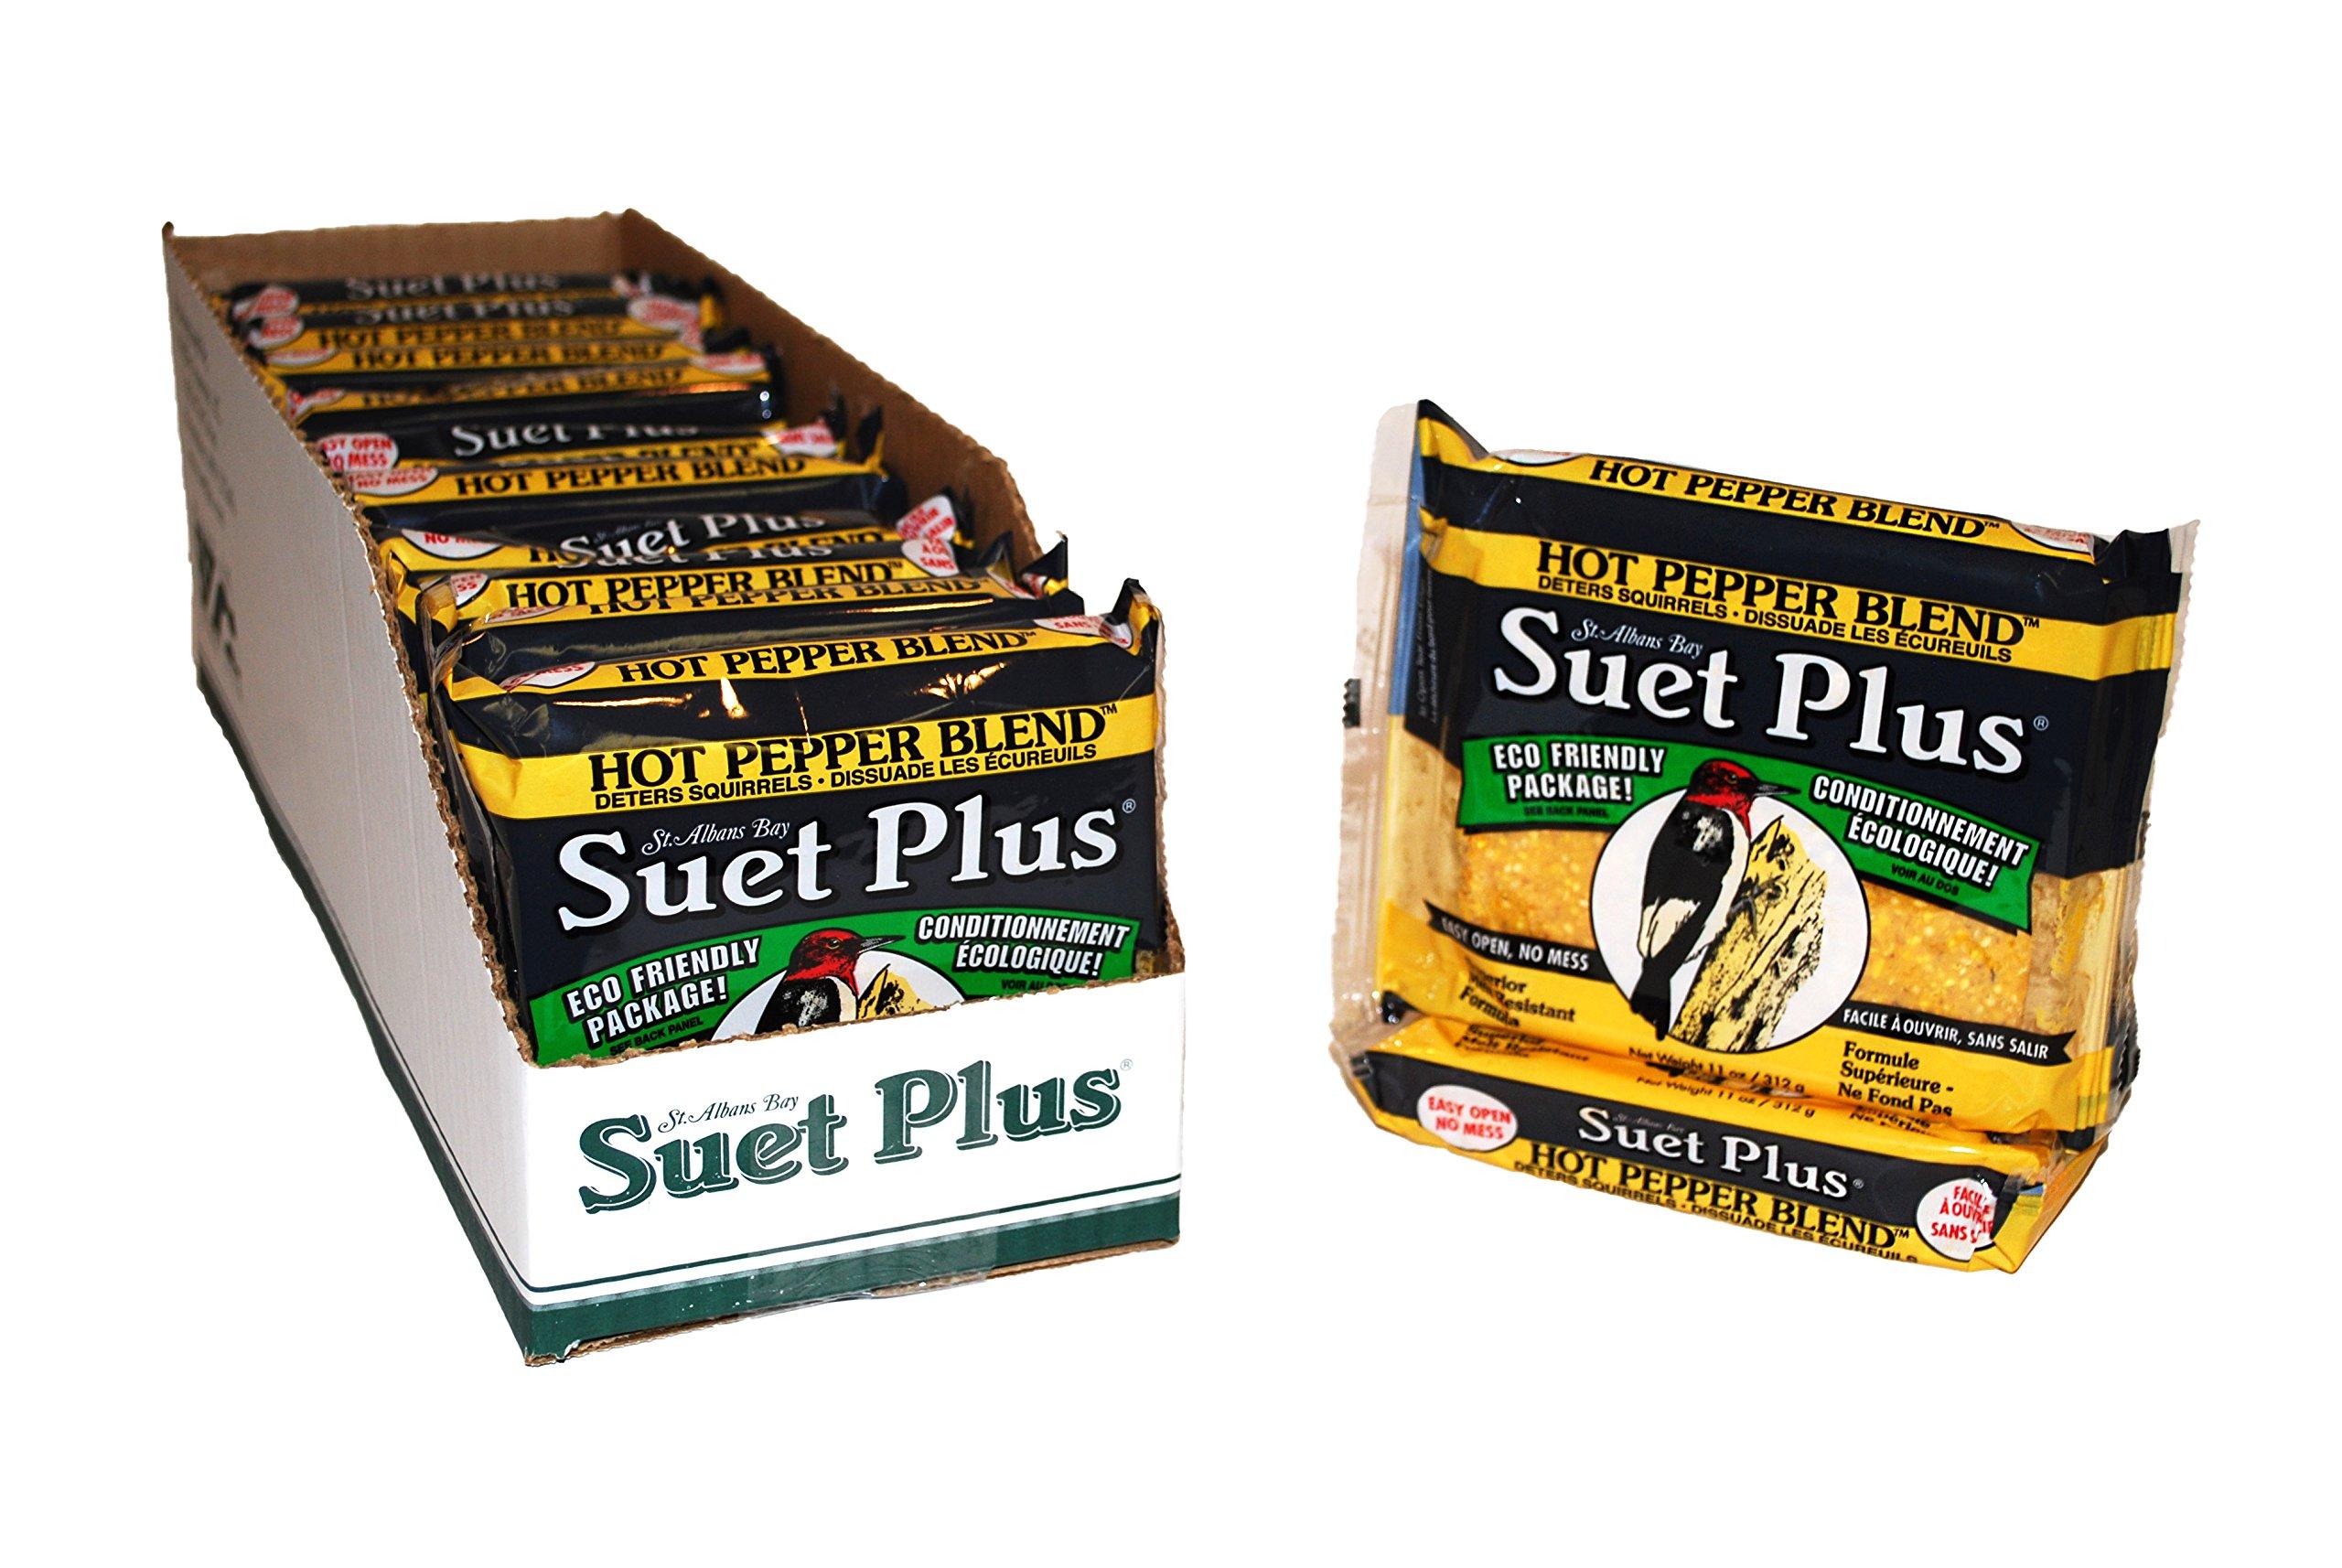 Hot Pepper Blend Suet 12 Pack by Suet Plus